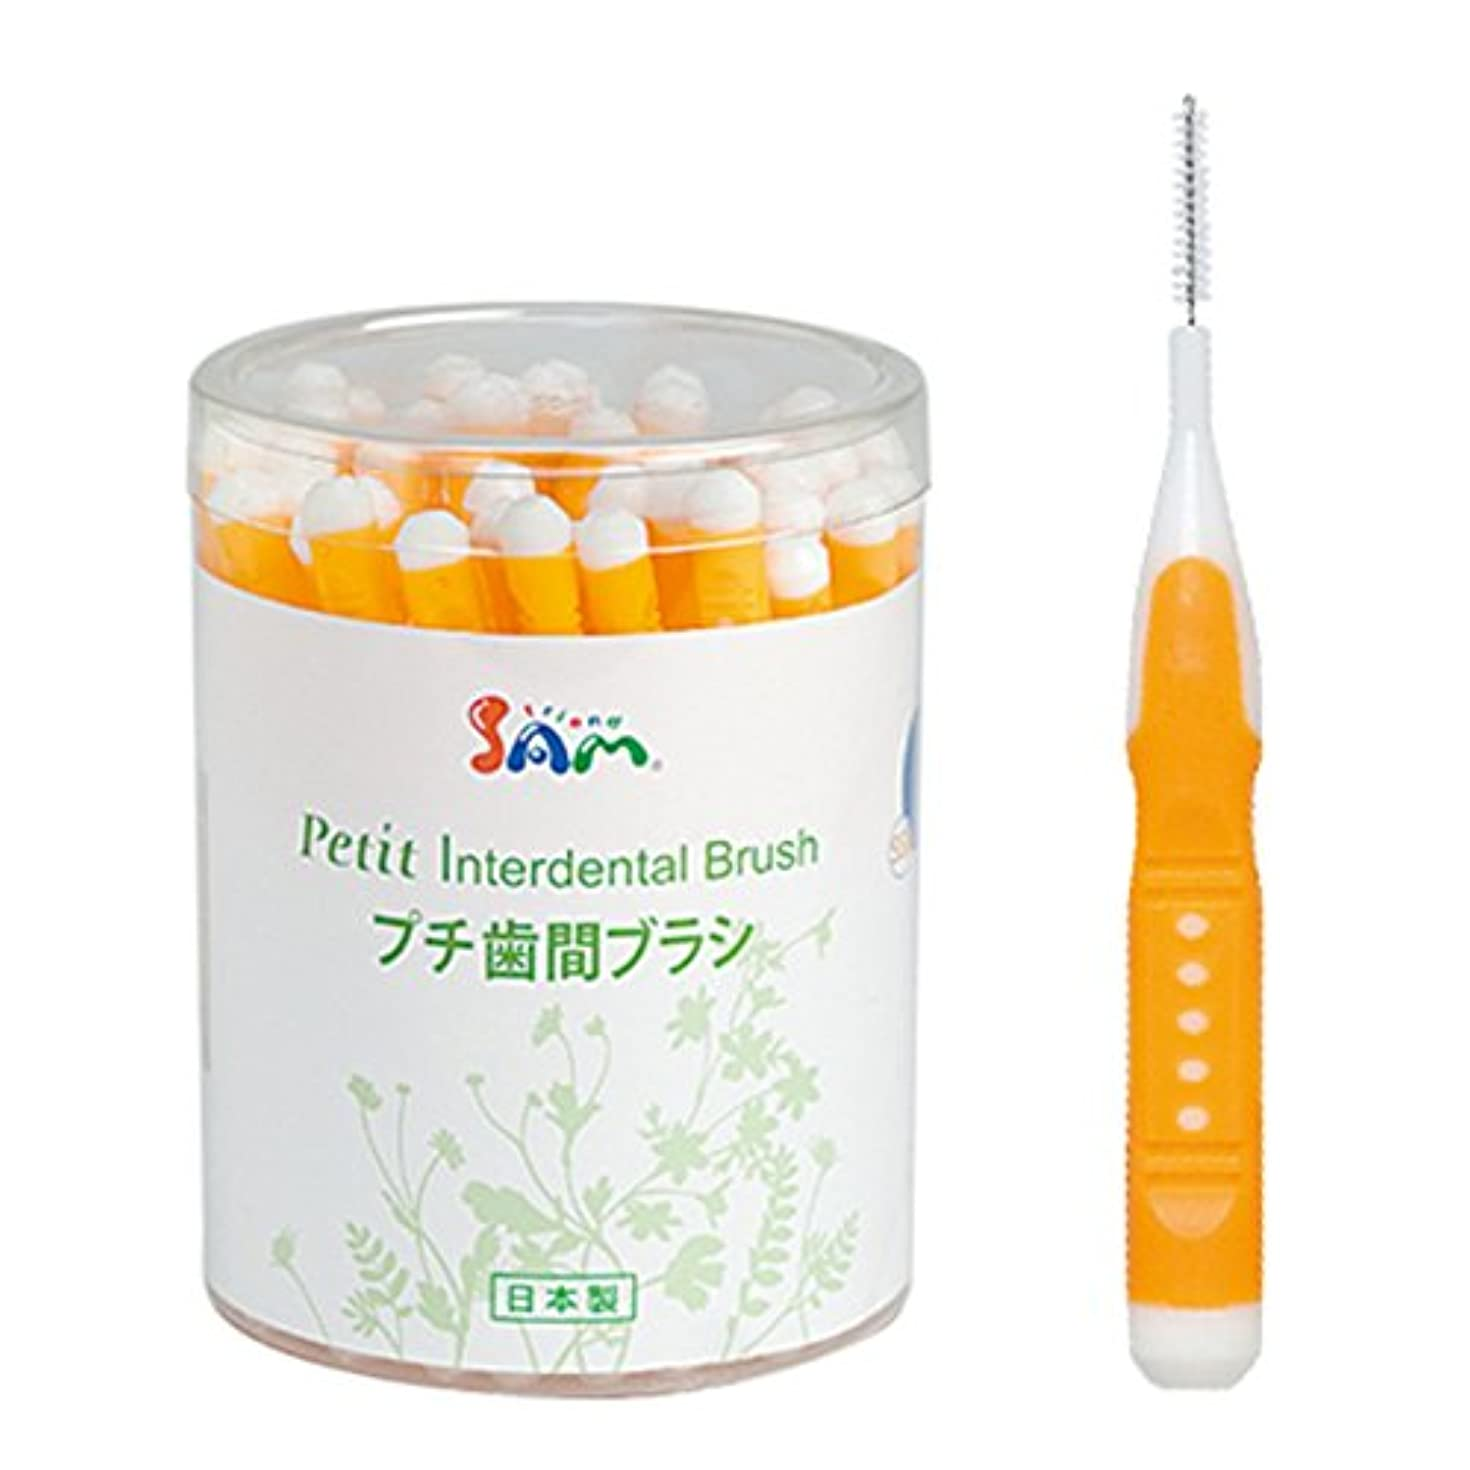 ゆりビーズ気楽なサムフレンド プチ歯間ブラシ I型 50本入 (SSS(オレンジ))